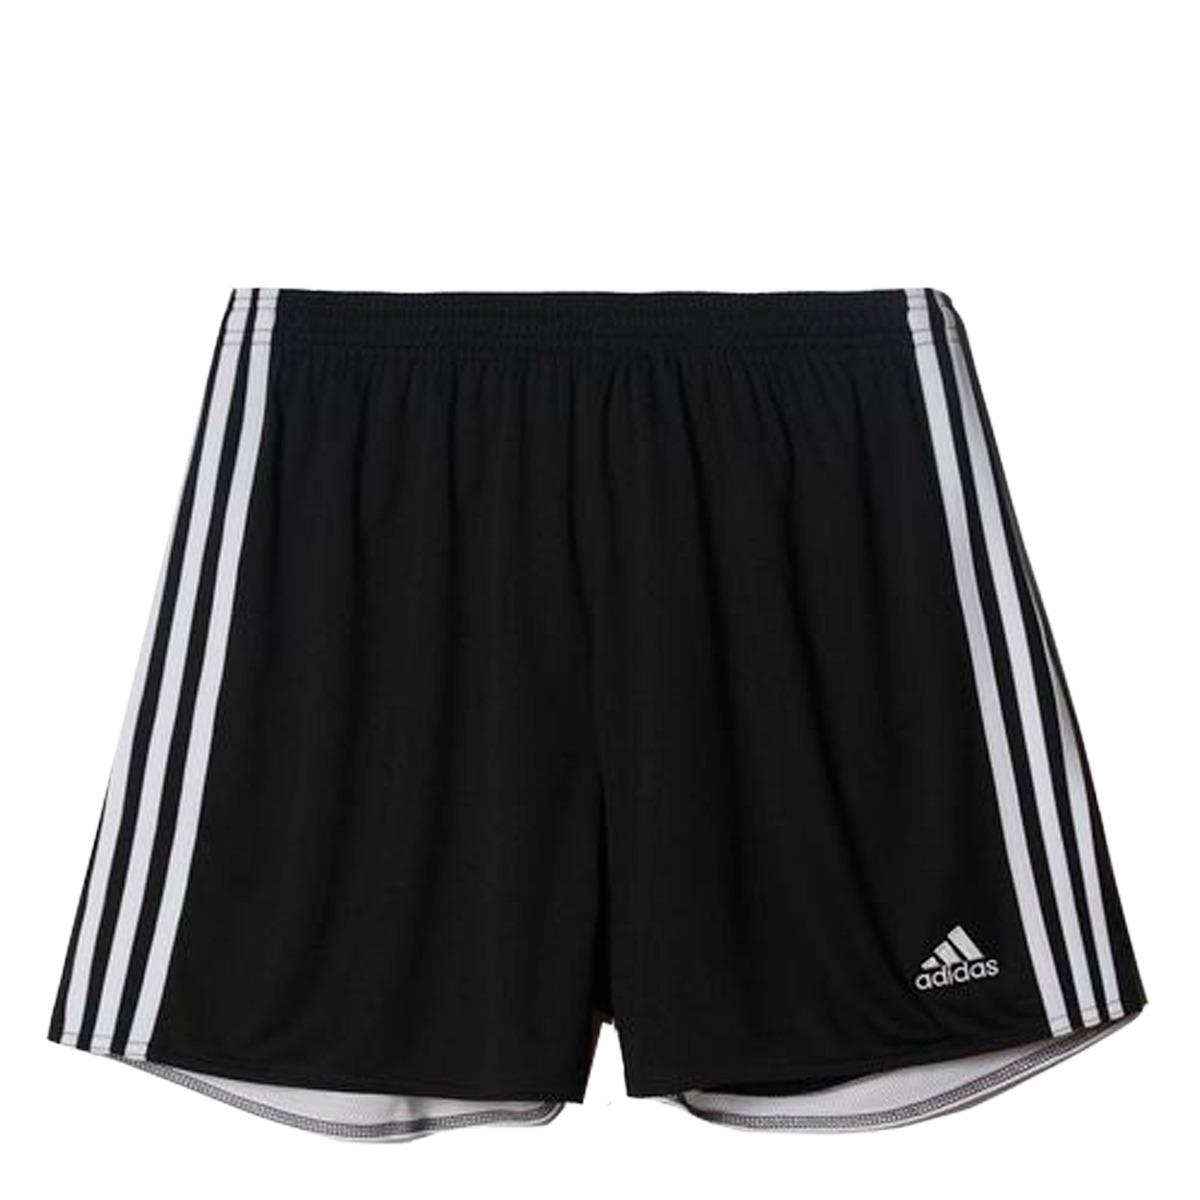 shorts adulto feminino adidas g70832 regista 14 womem. Carregando zoom. f47b038467810